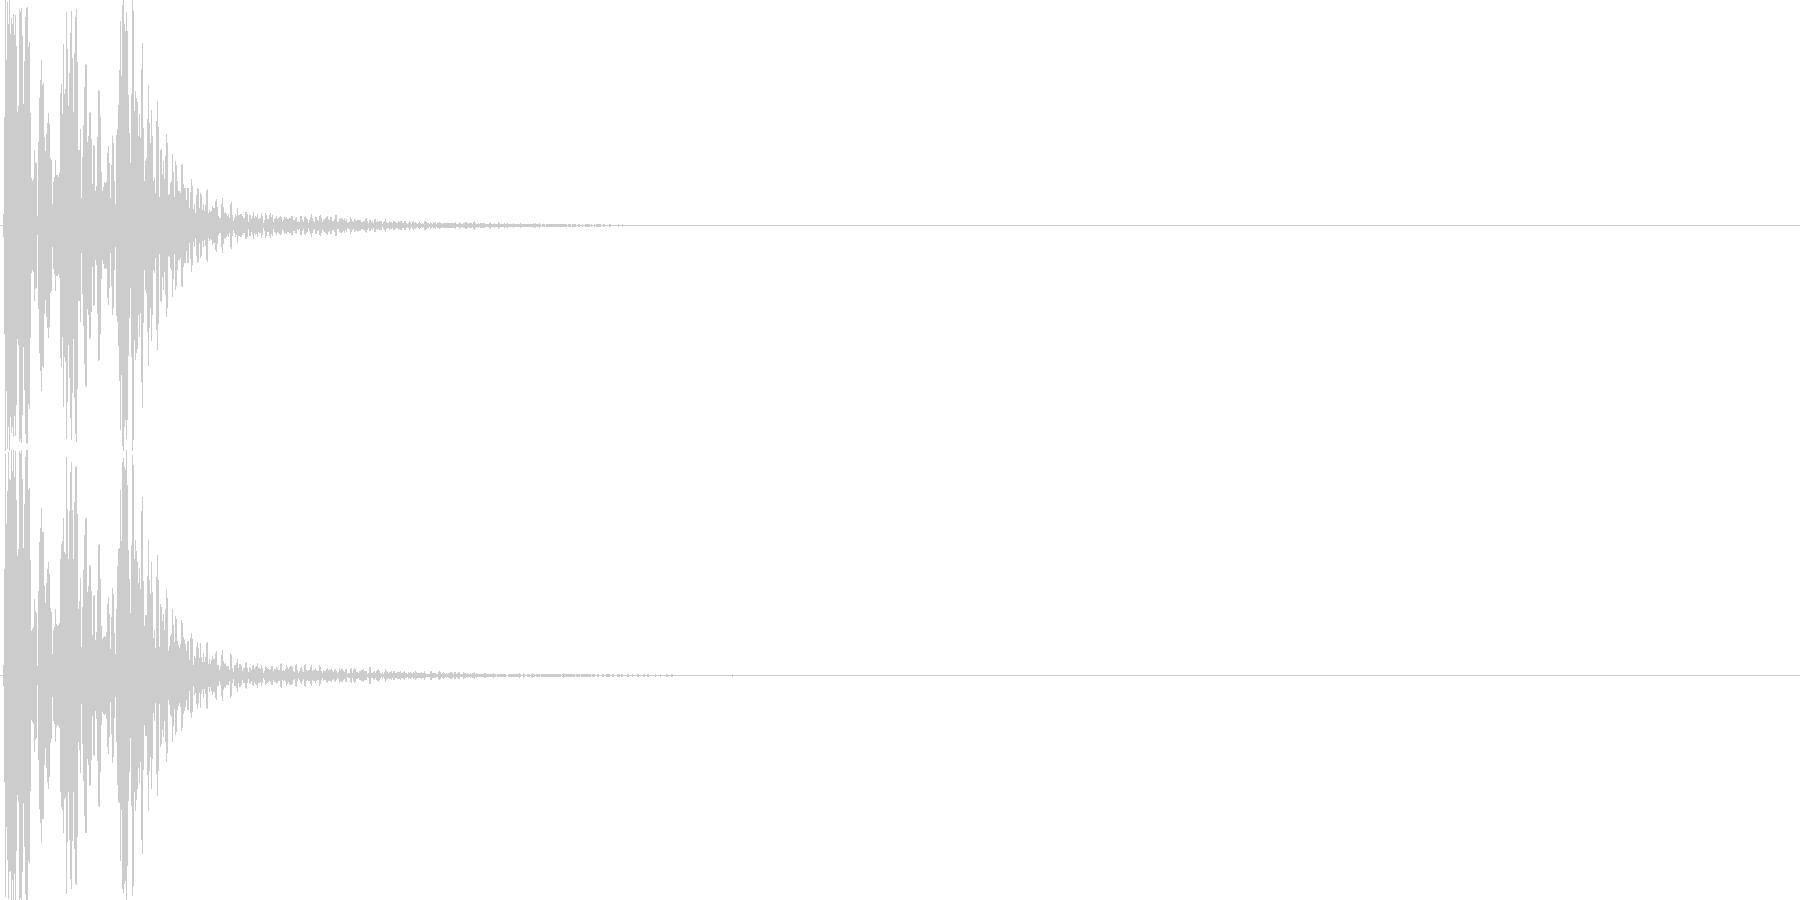 クリック(ゲーム、アプリ等の操作音02)の未再生の波形